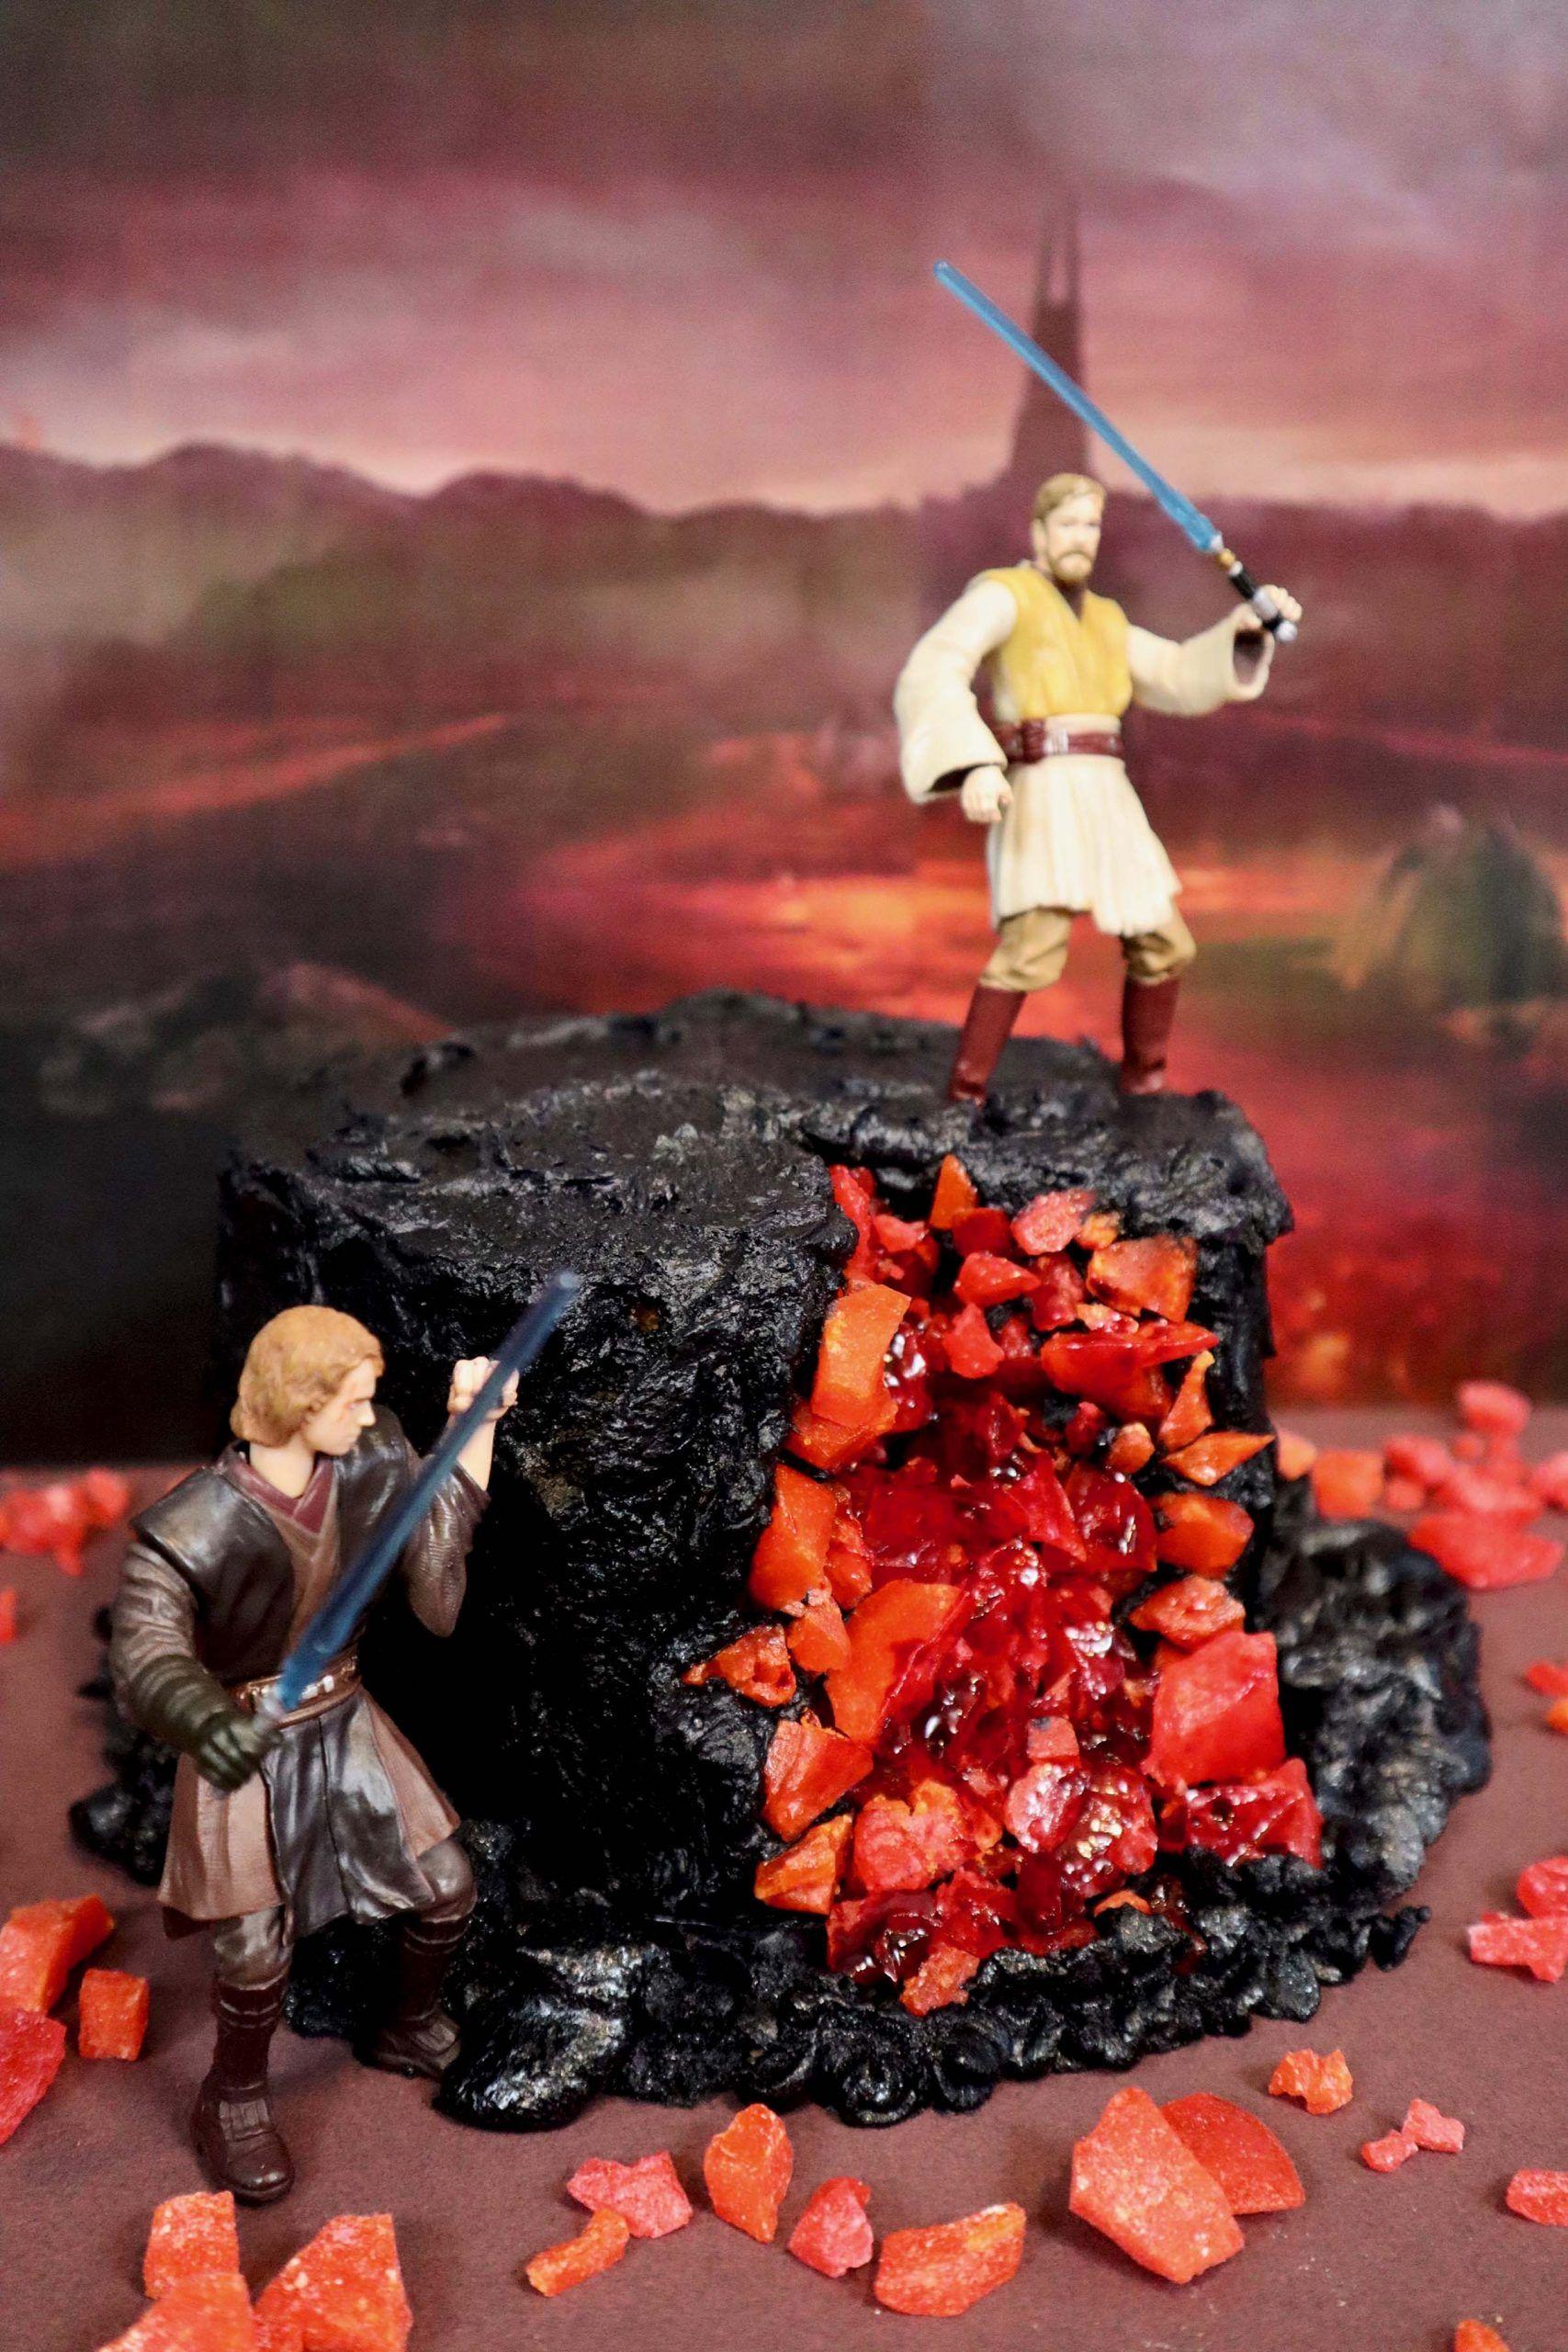 Obi Wan And Anakin Mustafar Cake Inspired By Star Wars Revenge Of The Sith Star Wars Baking Star Wars Cake Obi Wan